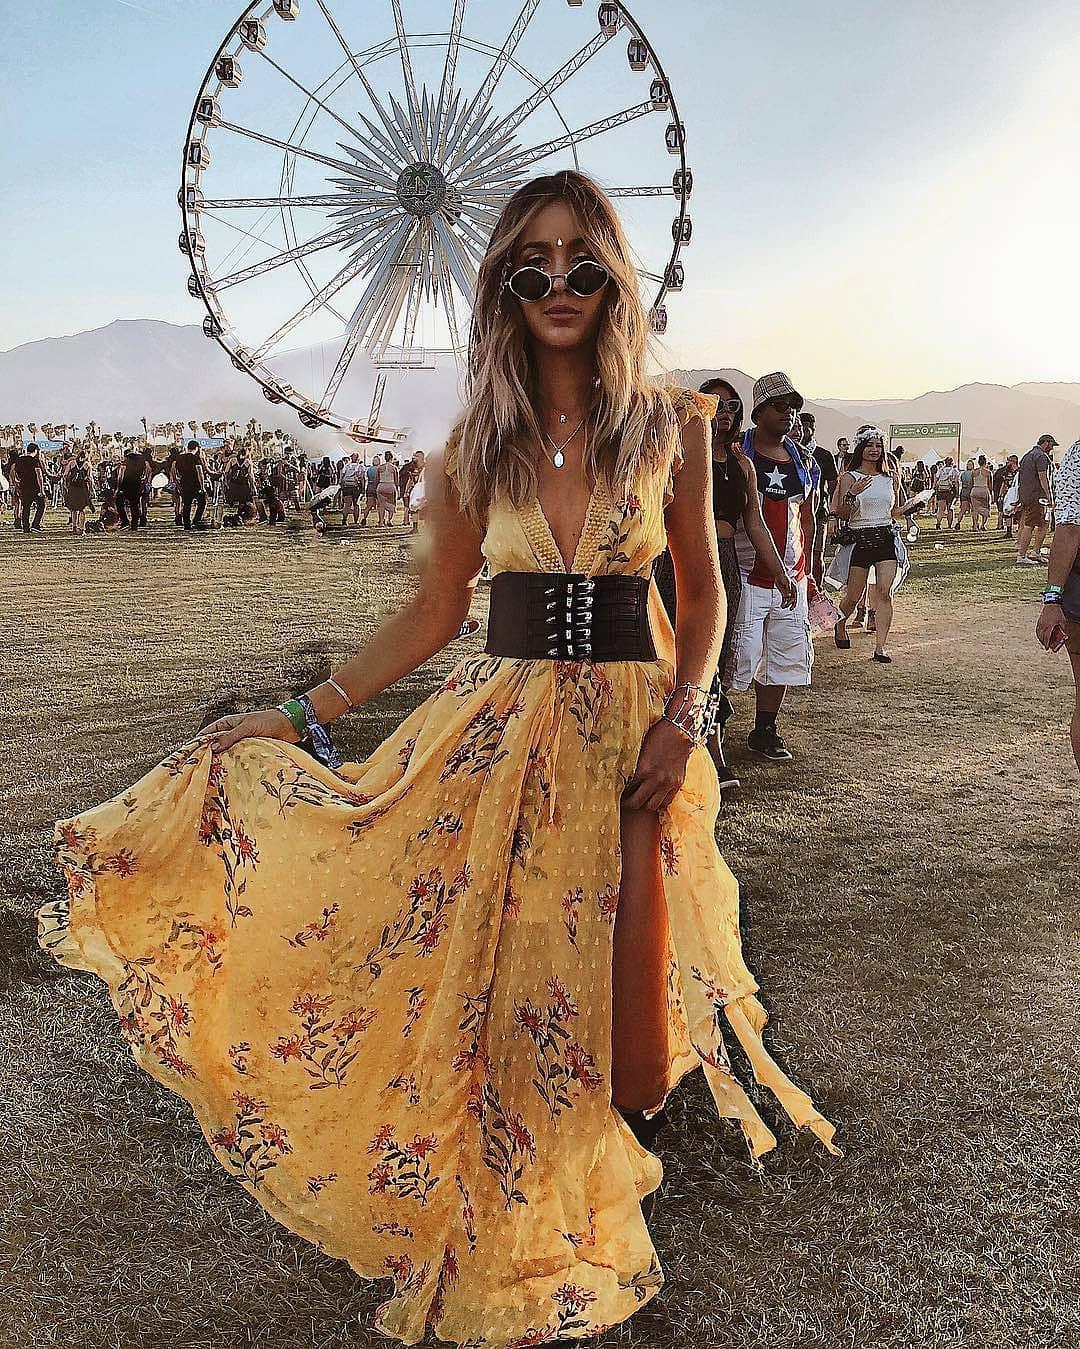 Trai xinh gái đẹp toàn thế giới hội tụ, Coachella - lễ hội âm nhạc lớn nhất hành tinh chính thức khai màn - Ảnh 10.